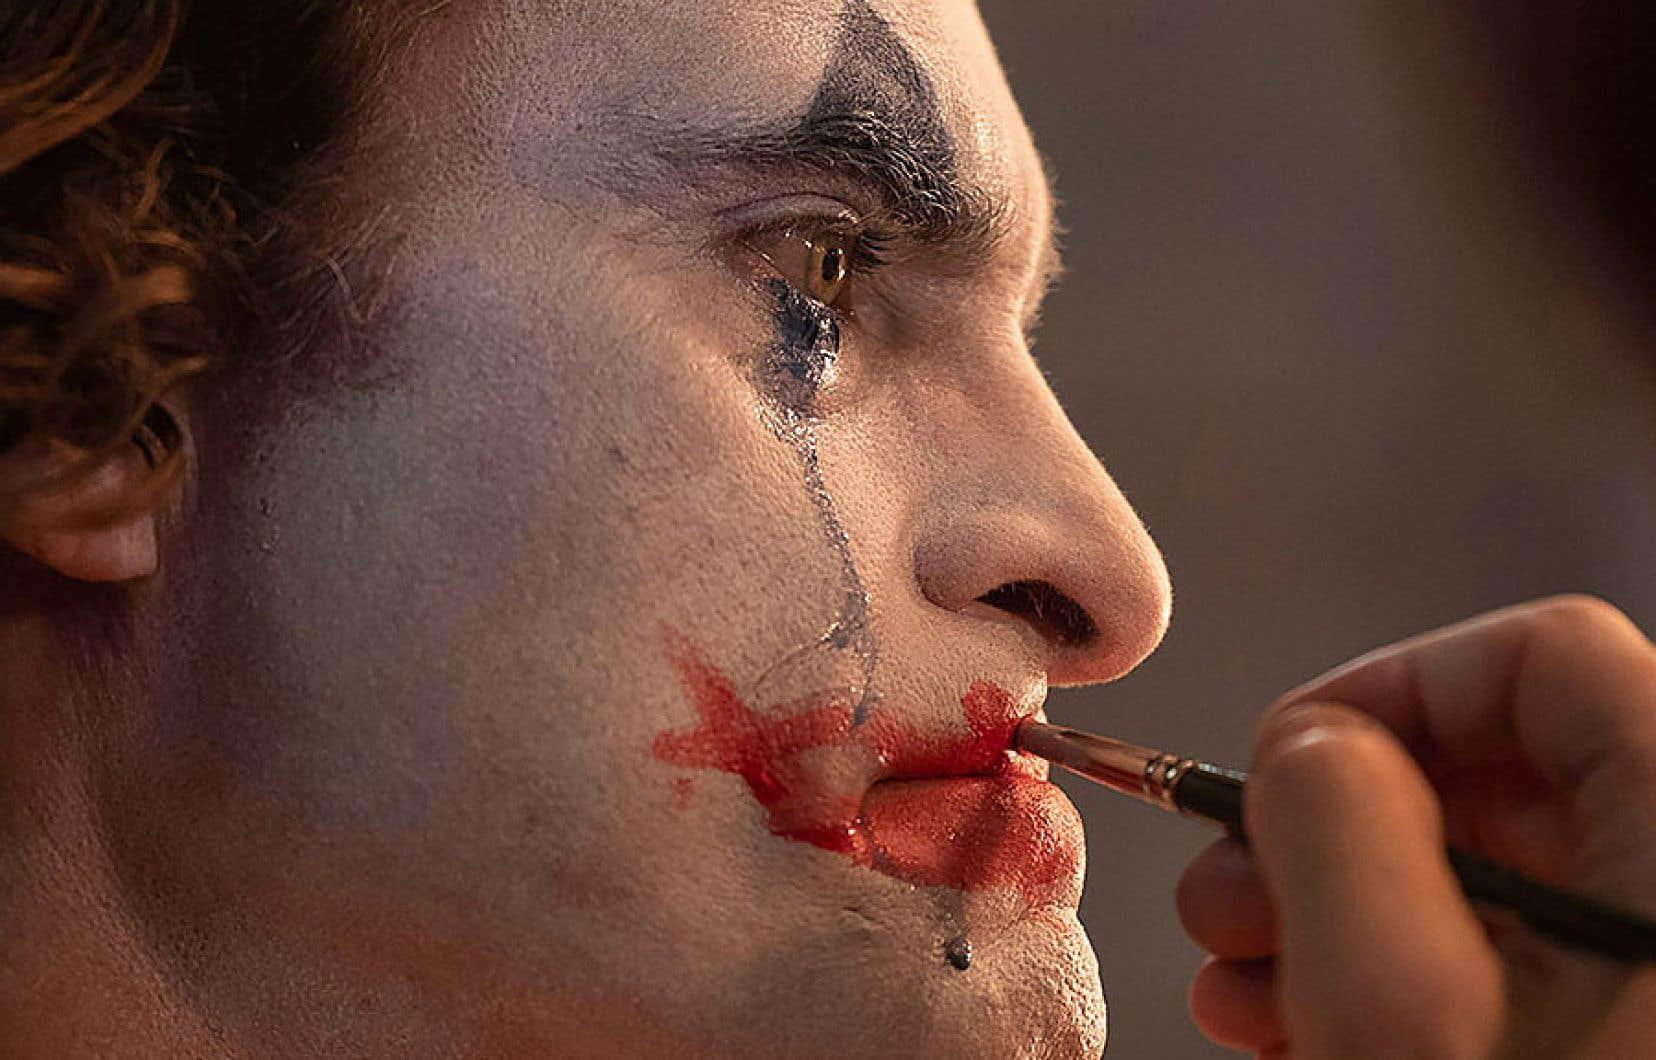 On imagine mal qui d'autre que Joaquin Phoenix aurait pu porter avec plus de charisme ce bouleversant personnage de clown, maltraité par tous, juché sur son enfance brisée, qui se met finalement à trucider tout ce qui bouge.